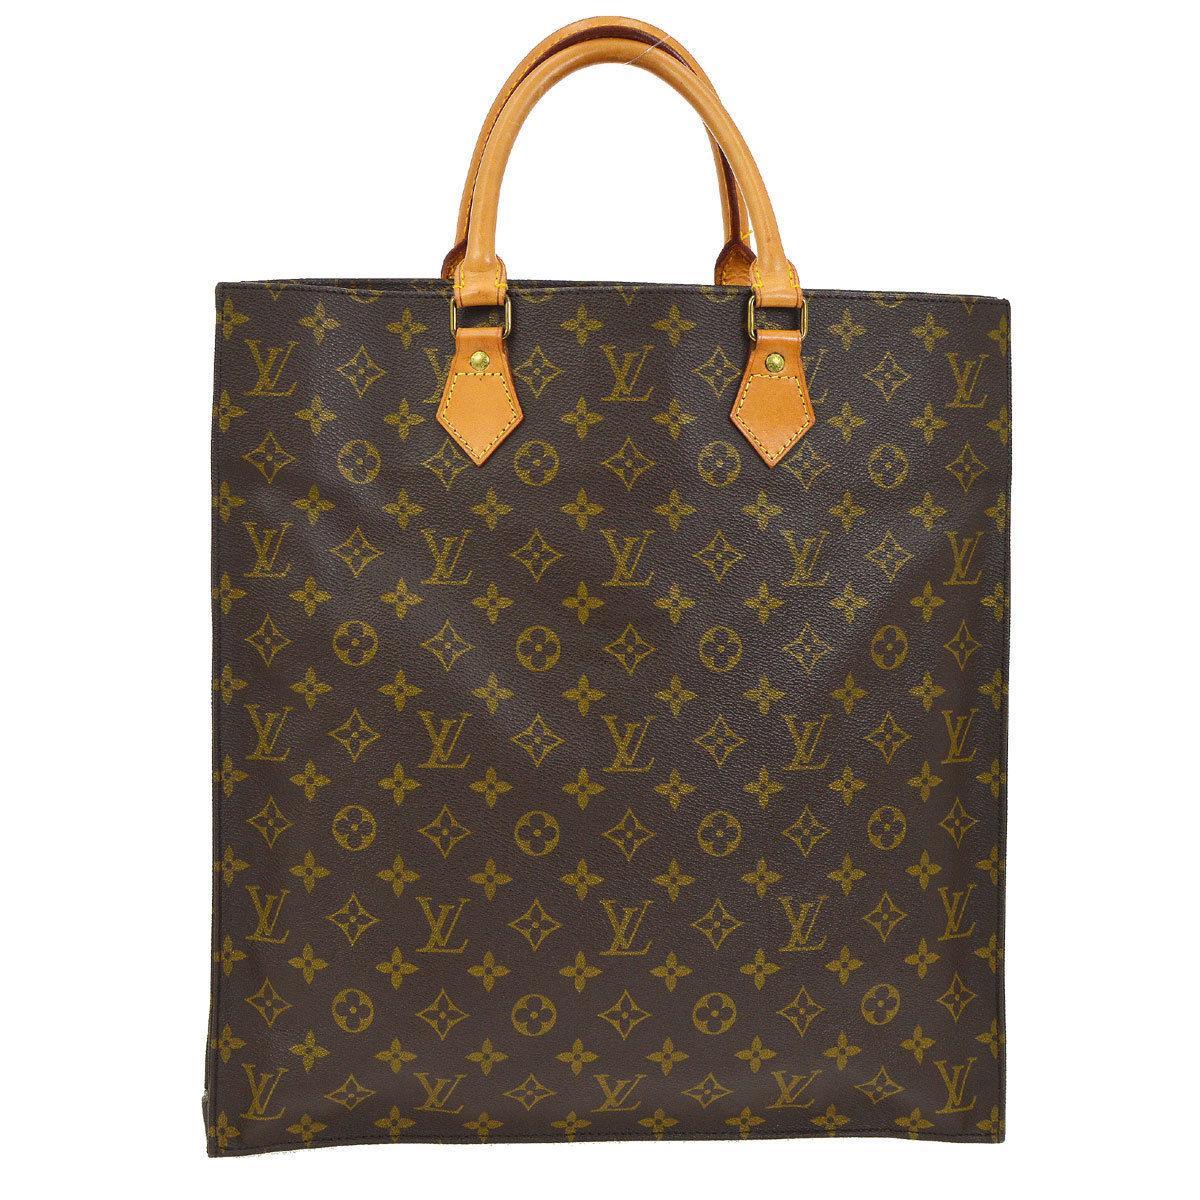 Lous Vuitton Monogram Canvas Men's Women's Carryall Travel Top Handle Tote Bag